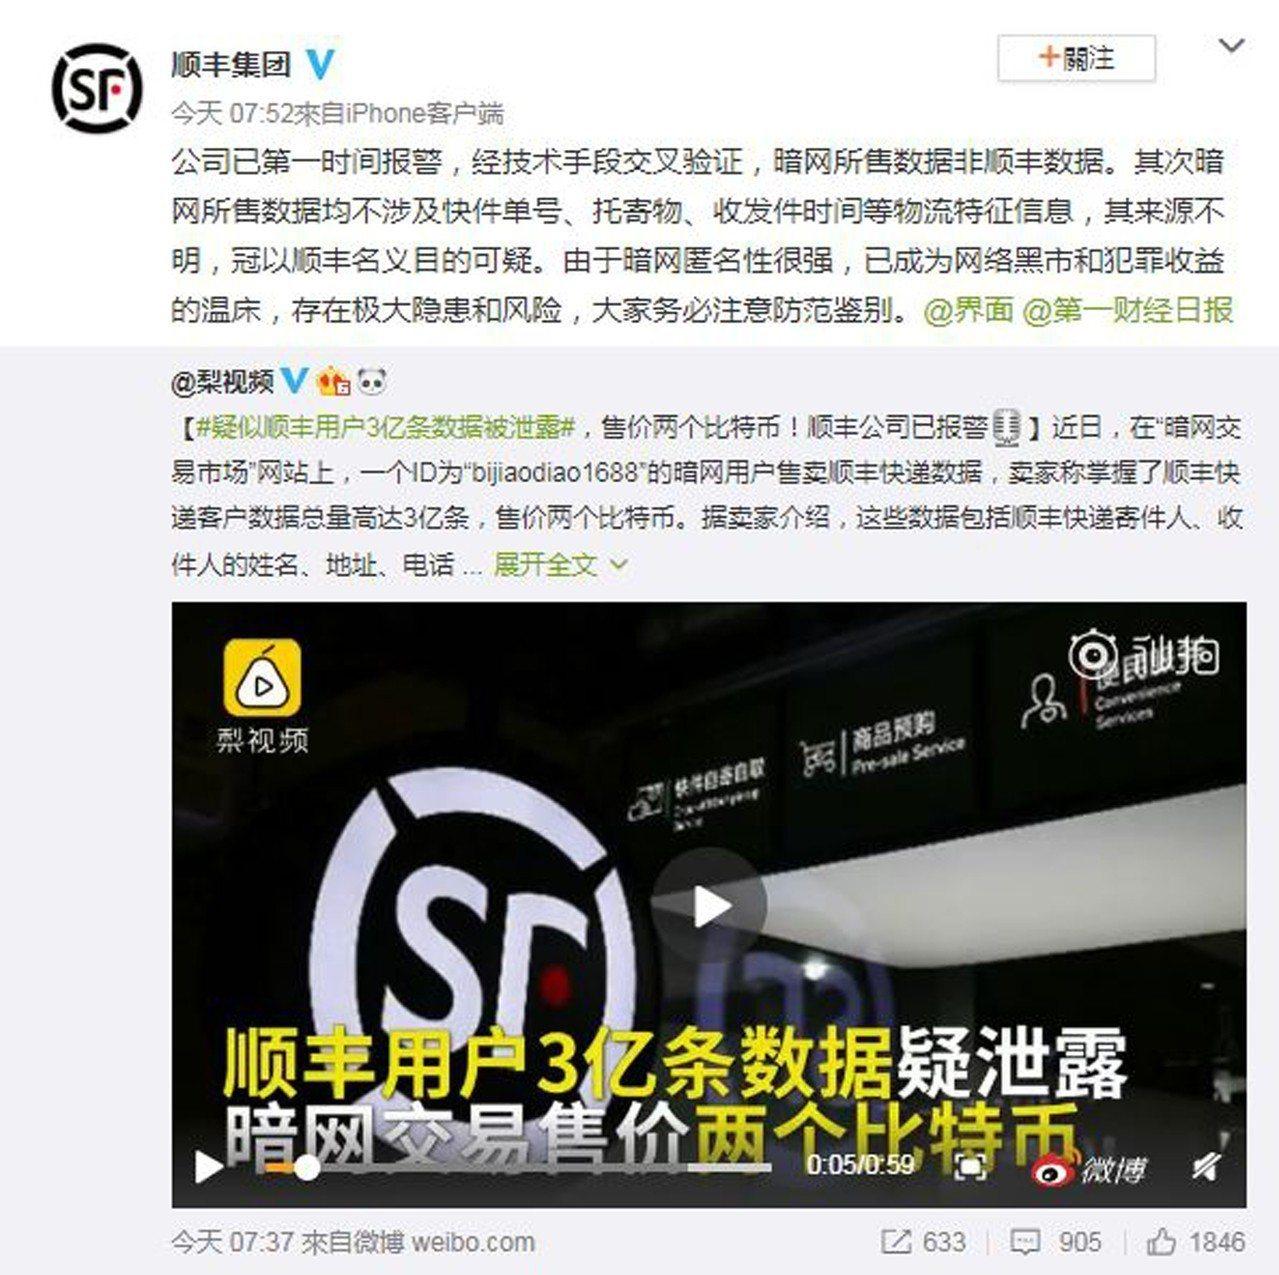 陸媒1日引述爆料稱,中國快遞龍頭順豐集團疑似傳出3億筆用戶資料外流。順豐當天在官...